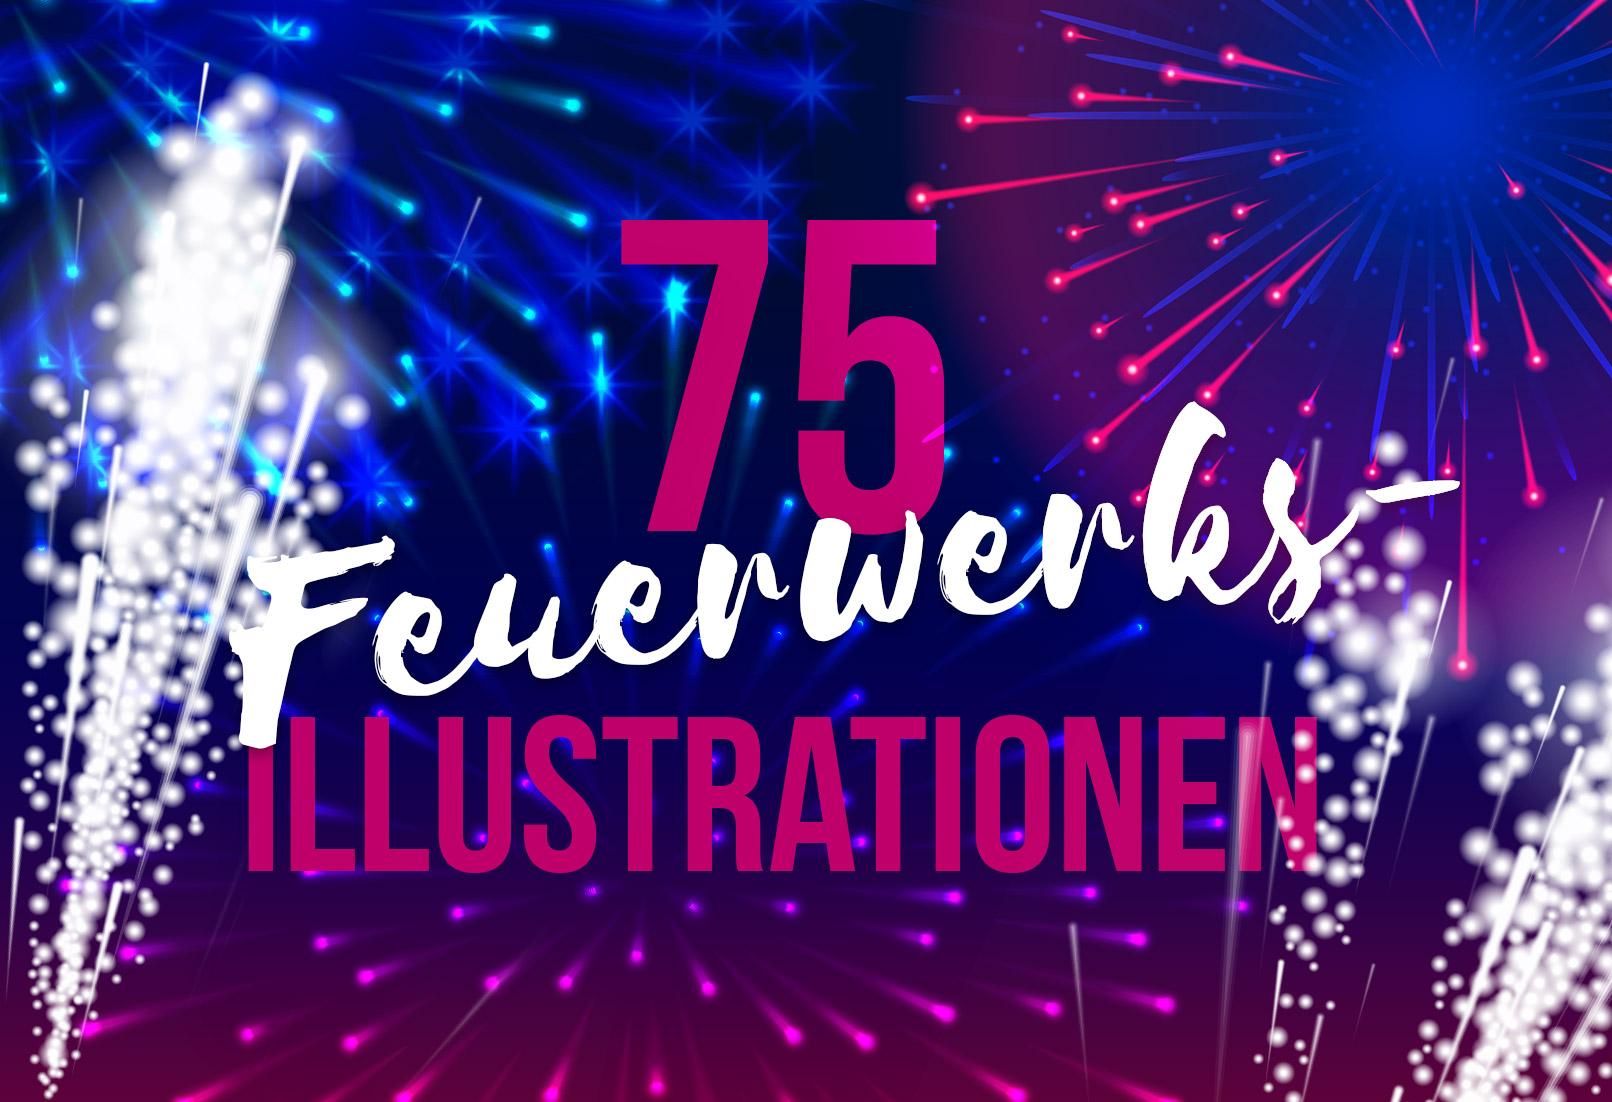 Feuerwerks-Illustrationen